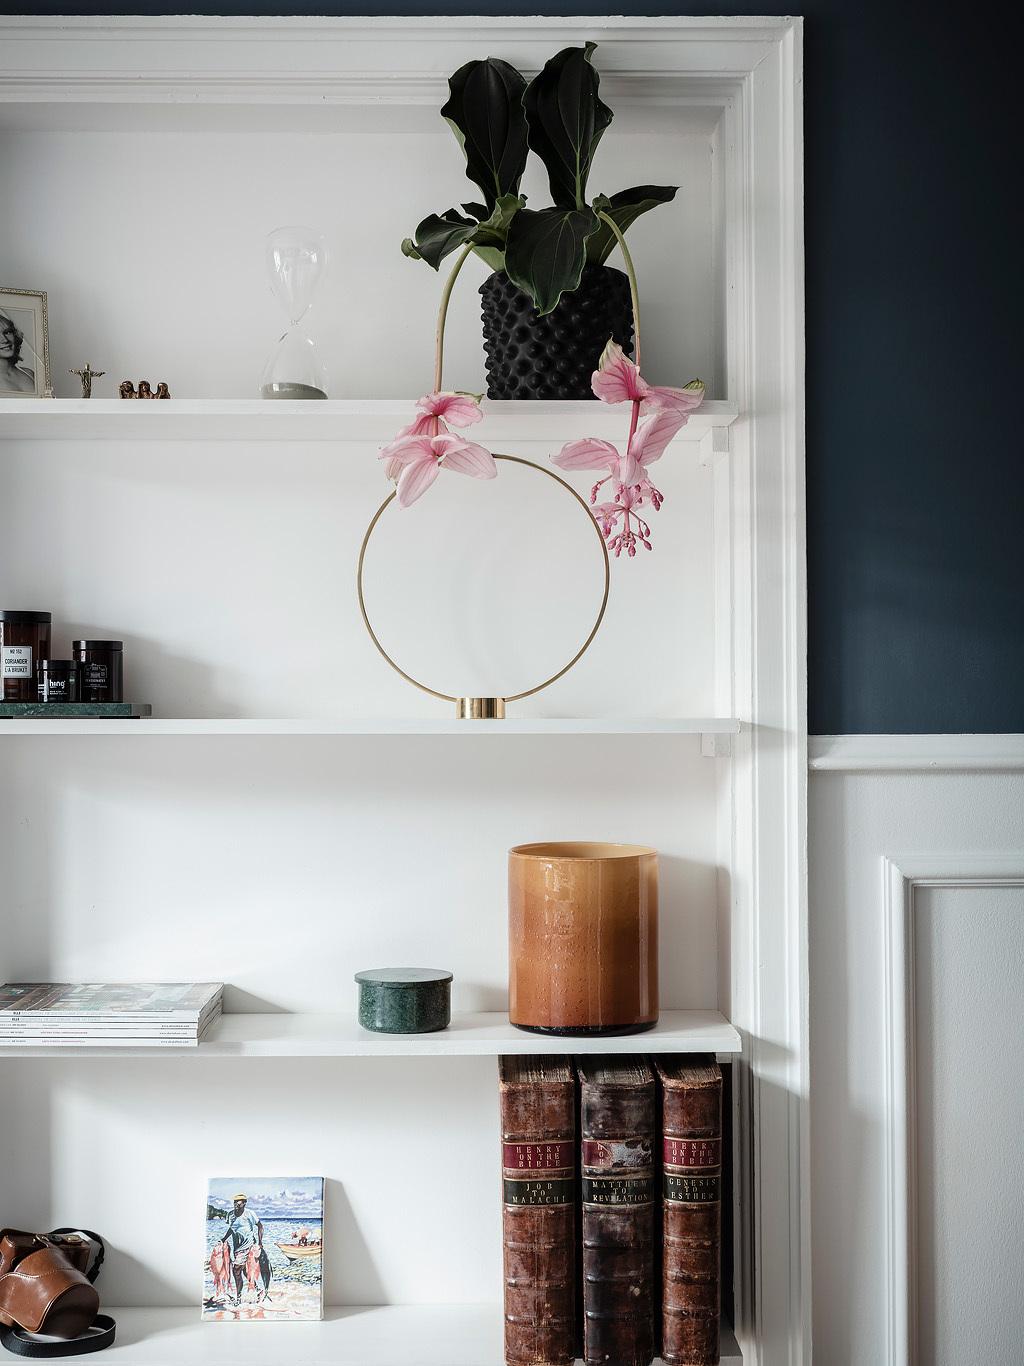 Dekoracje na półkach w sypialni